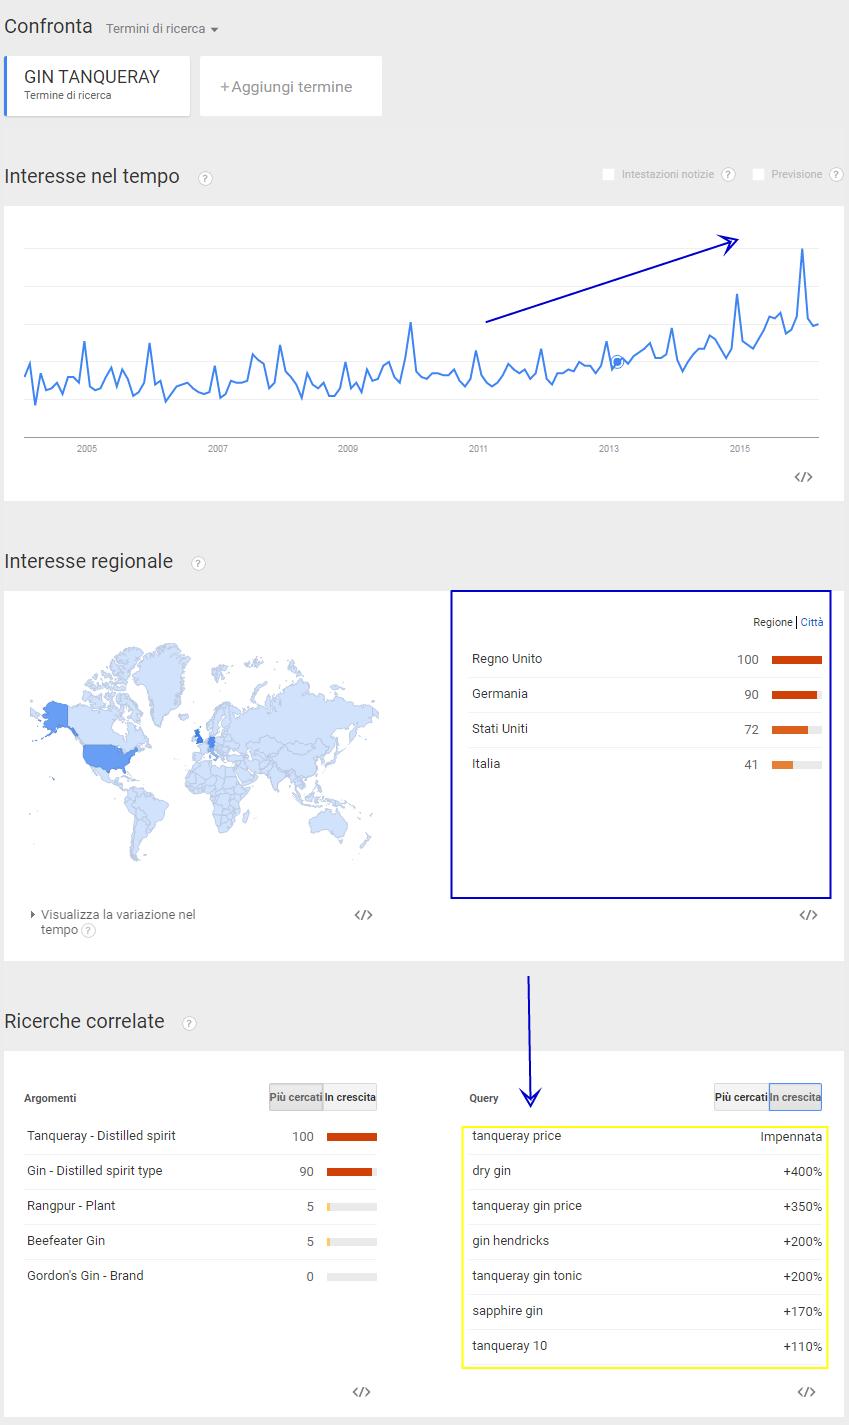 Interesse per Ricerca Google gin tanqueray - Tutto il mondo, 2004 - Presente